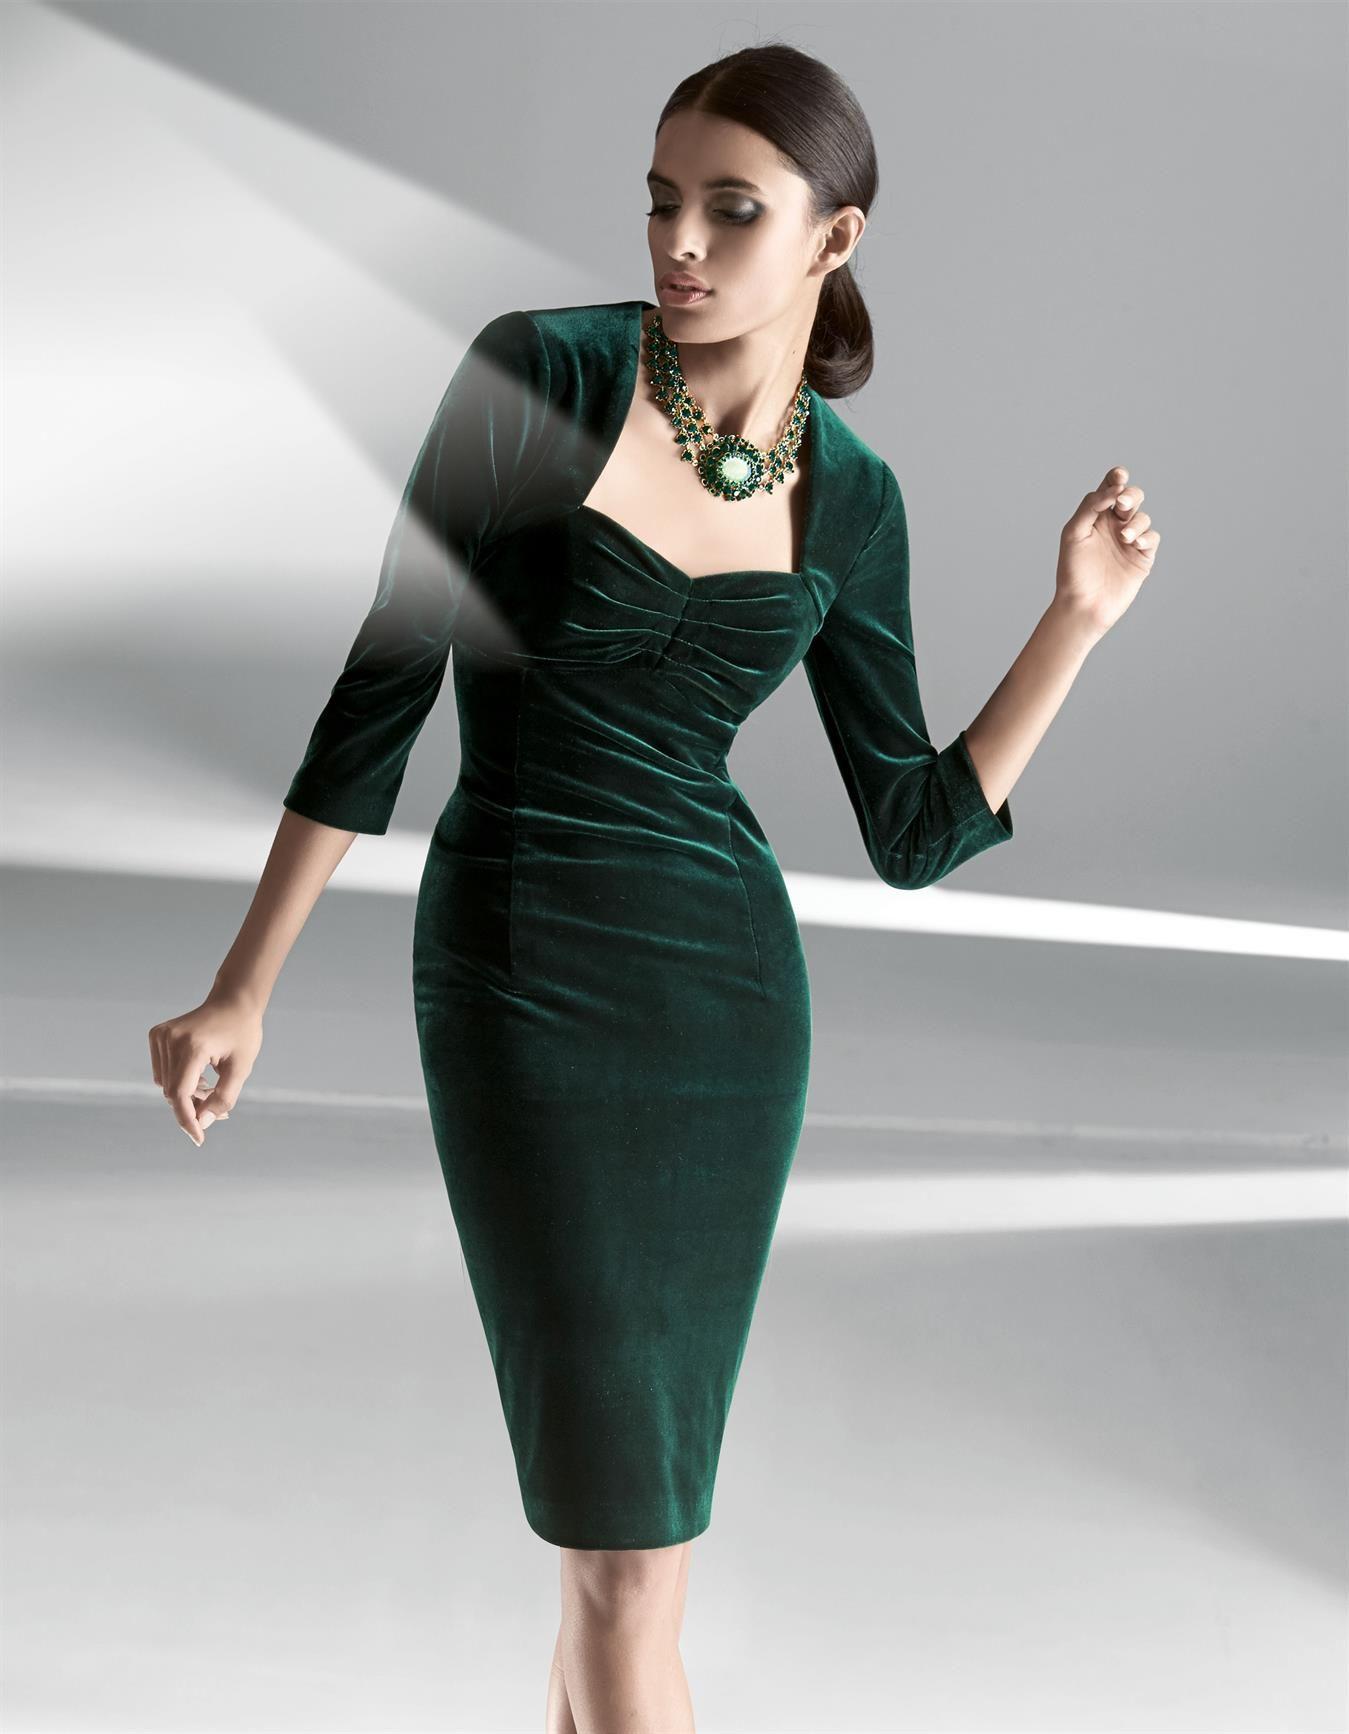 Abendkleid aus Samt in den Farben schwarz, dunkelgrün - Größen 42/36 ...